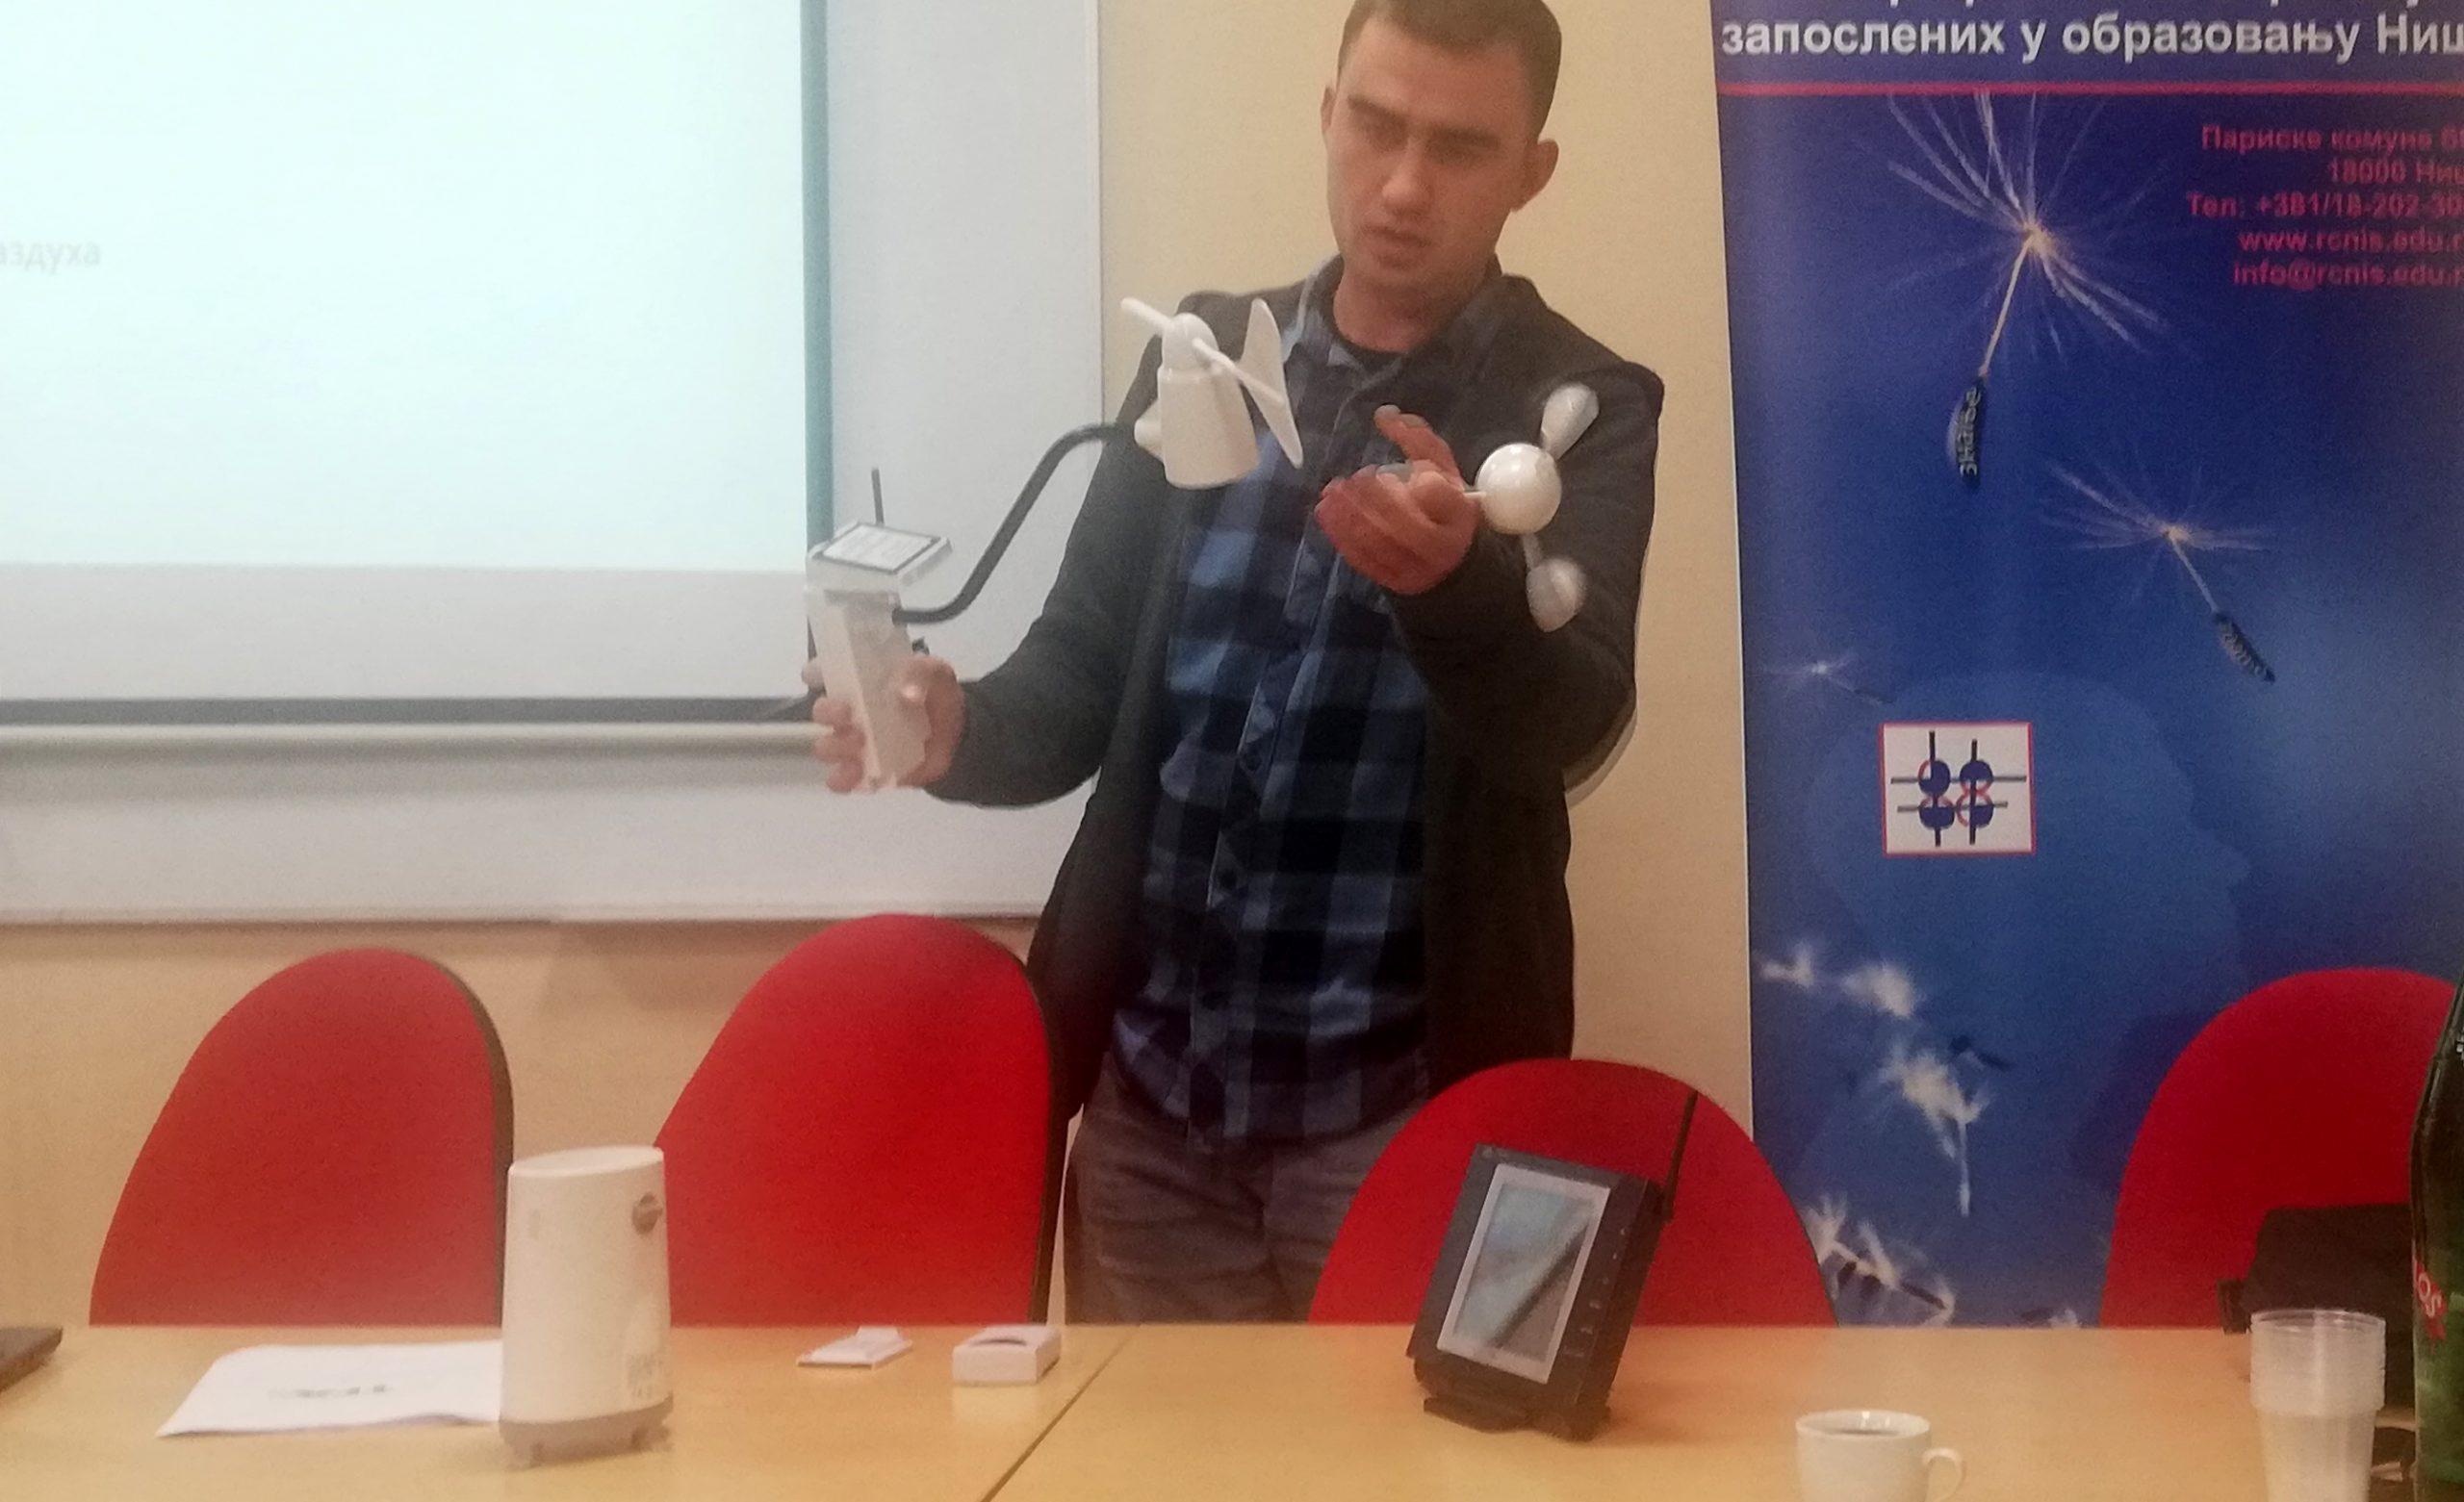 Пројекат  Сателитско осматрање у животној средини у Нишу